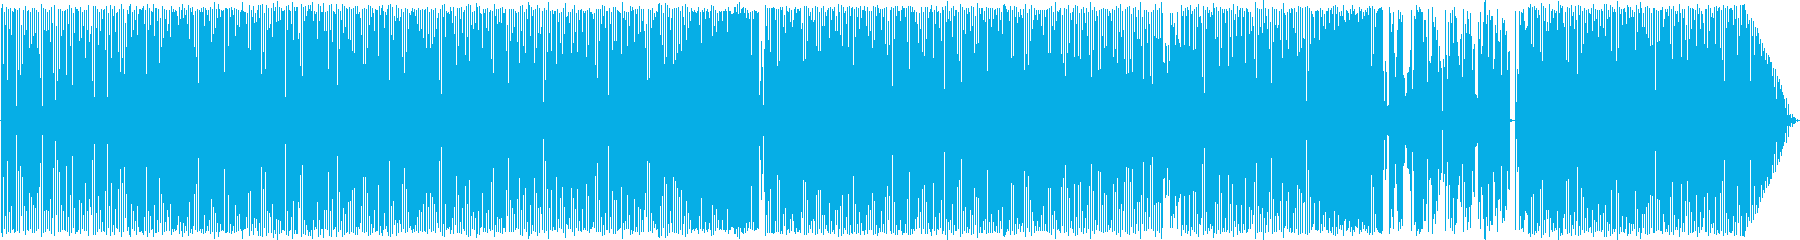 ハッピー、ファニー、ファンキー。広告音楽の再生済みの波形